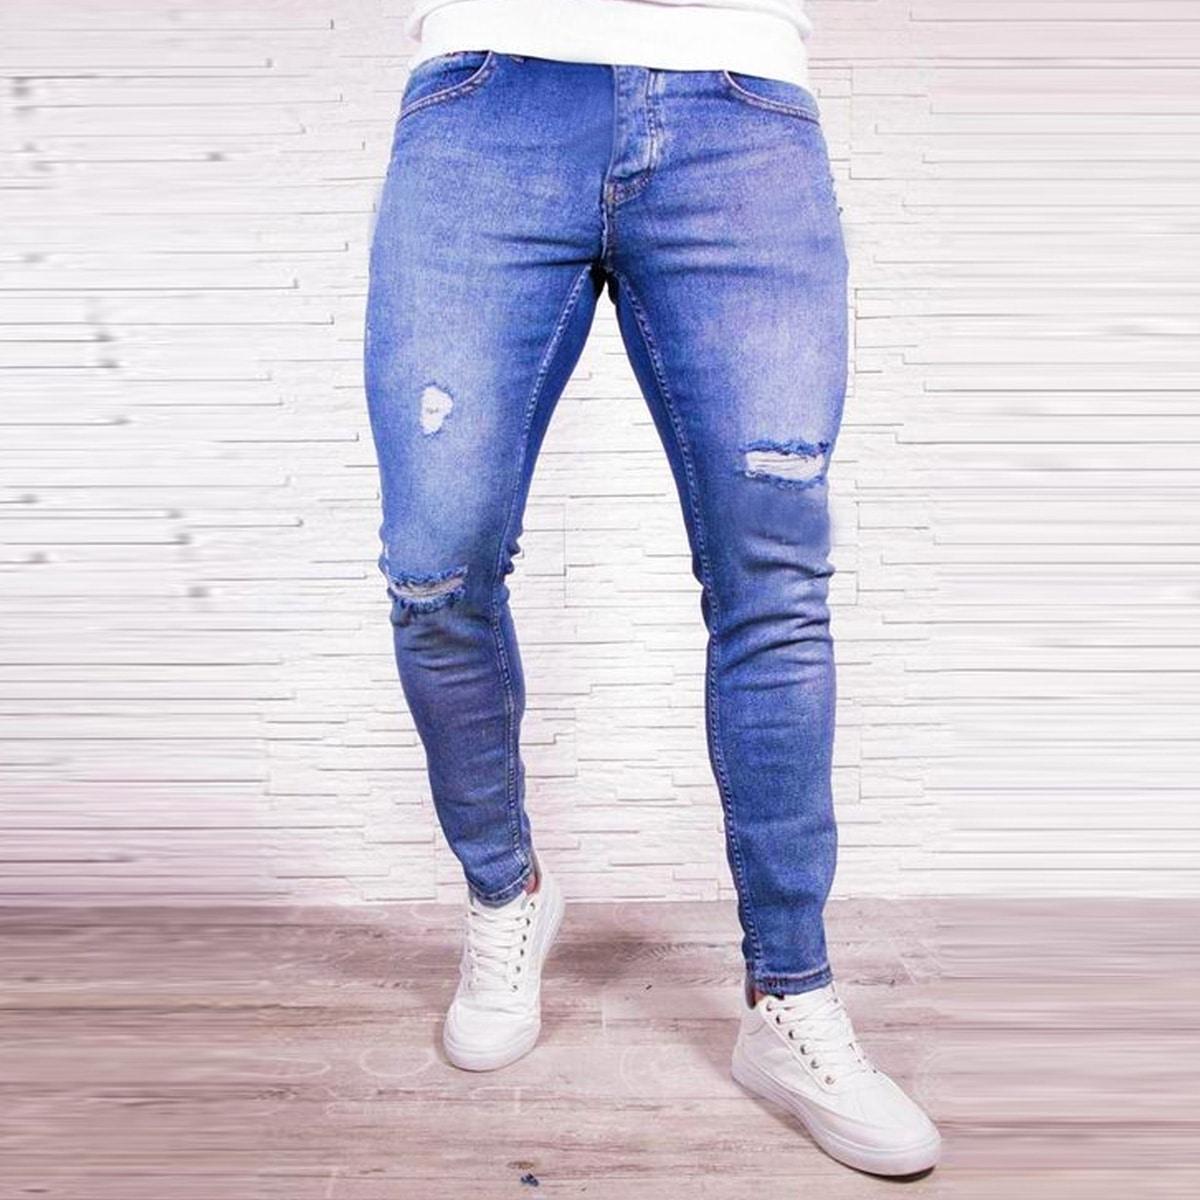 Рваные джинсы-скинни для мужчины